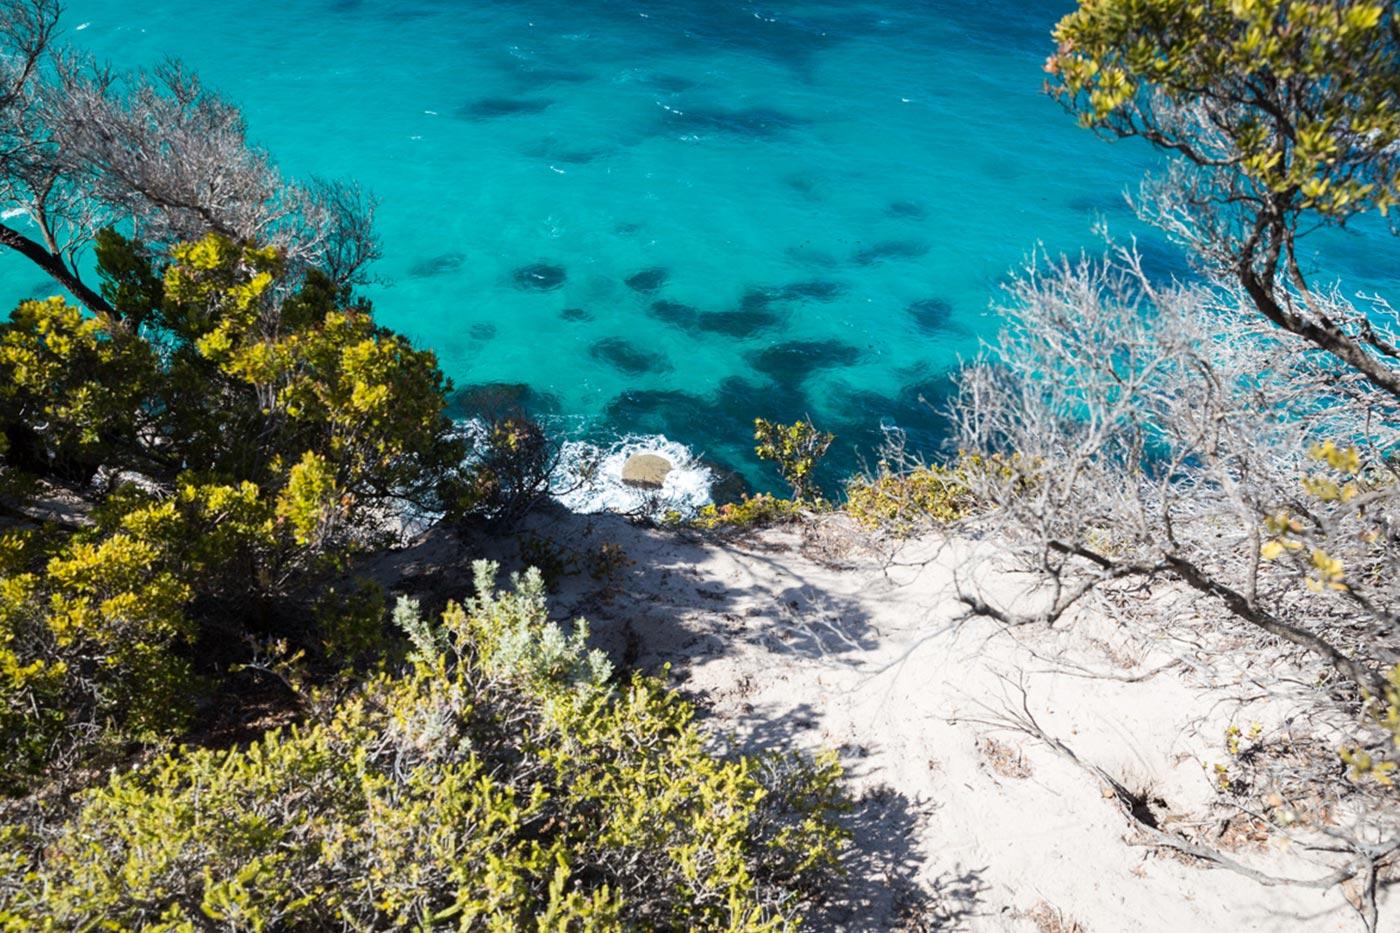 Das Wasser des Südpazifik ist türkisblau.